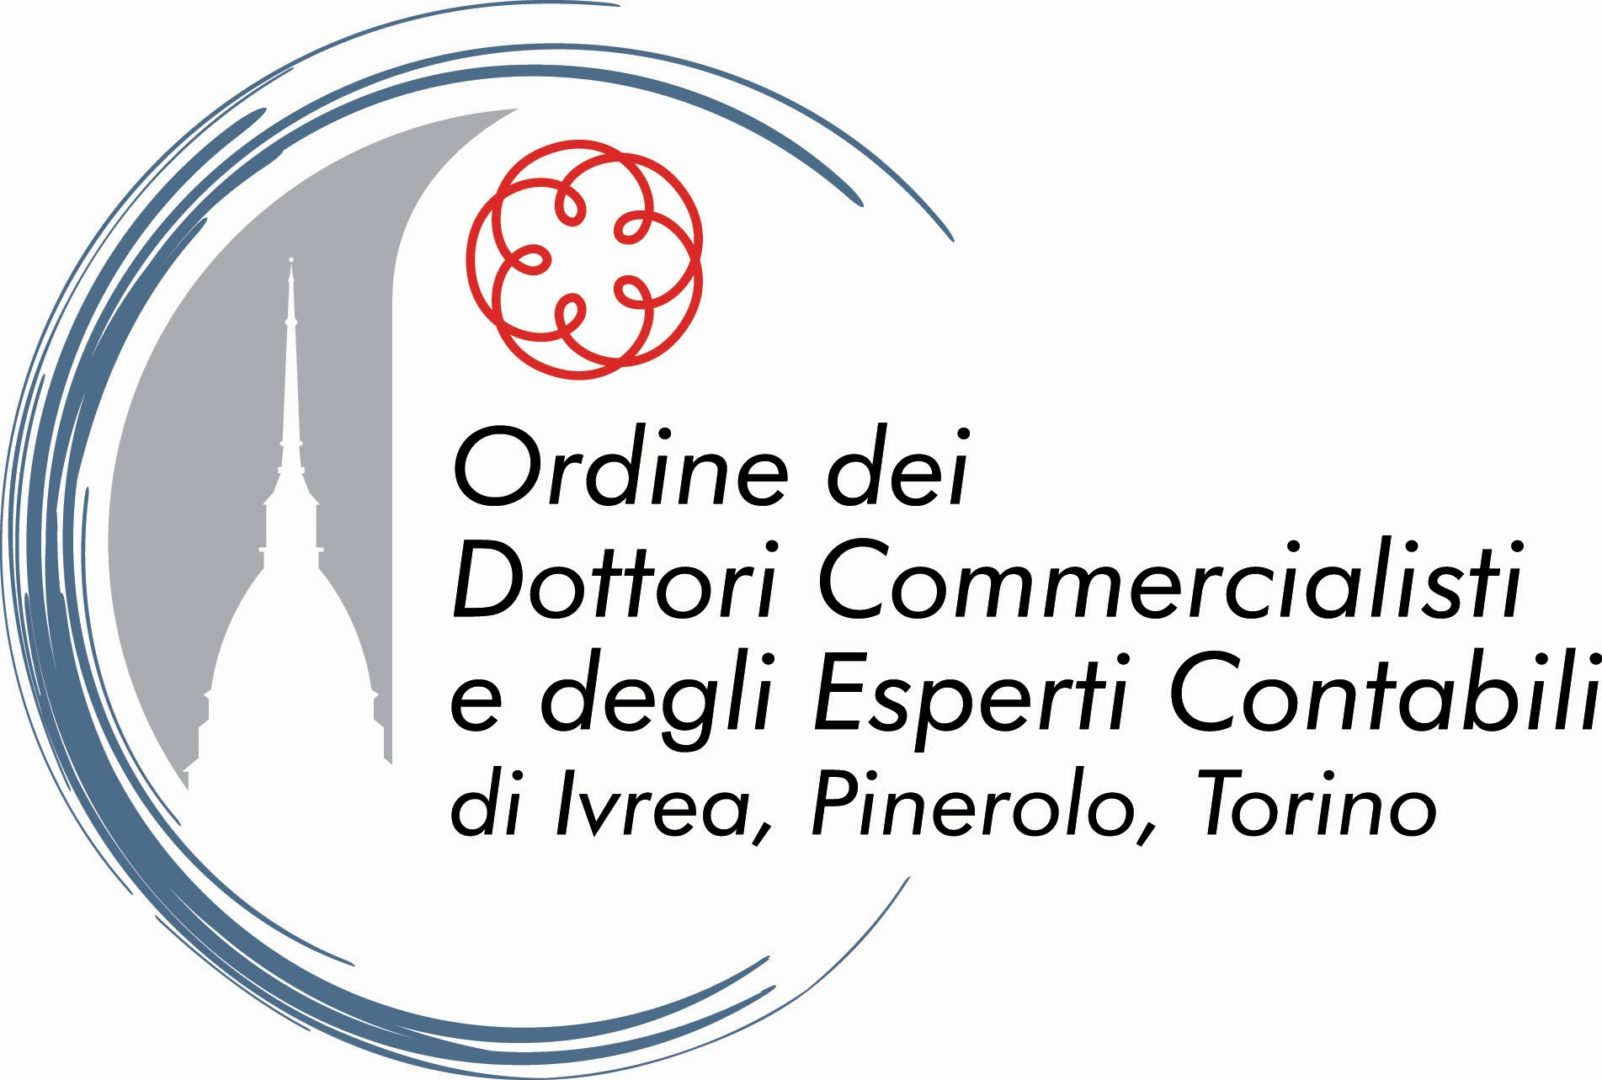 sviluppo sito internet Ordine Commercialisti Torino